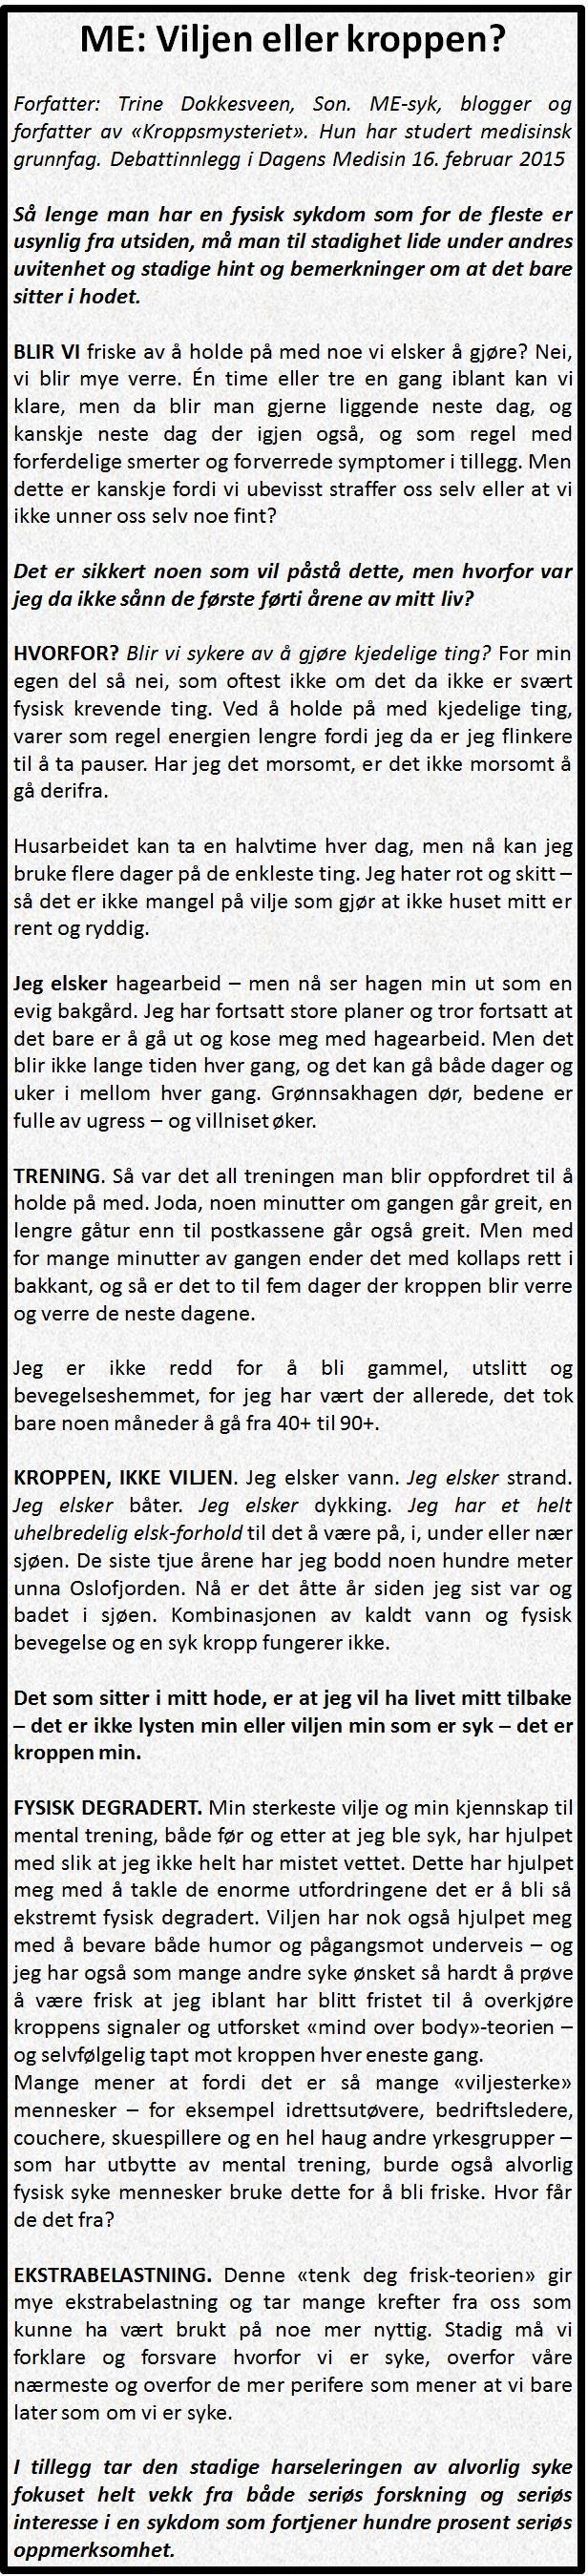 Viljen eller kroppen av Trine D_16feb2015_Dagens Medisin